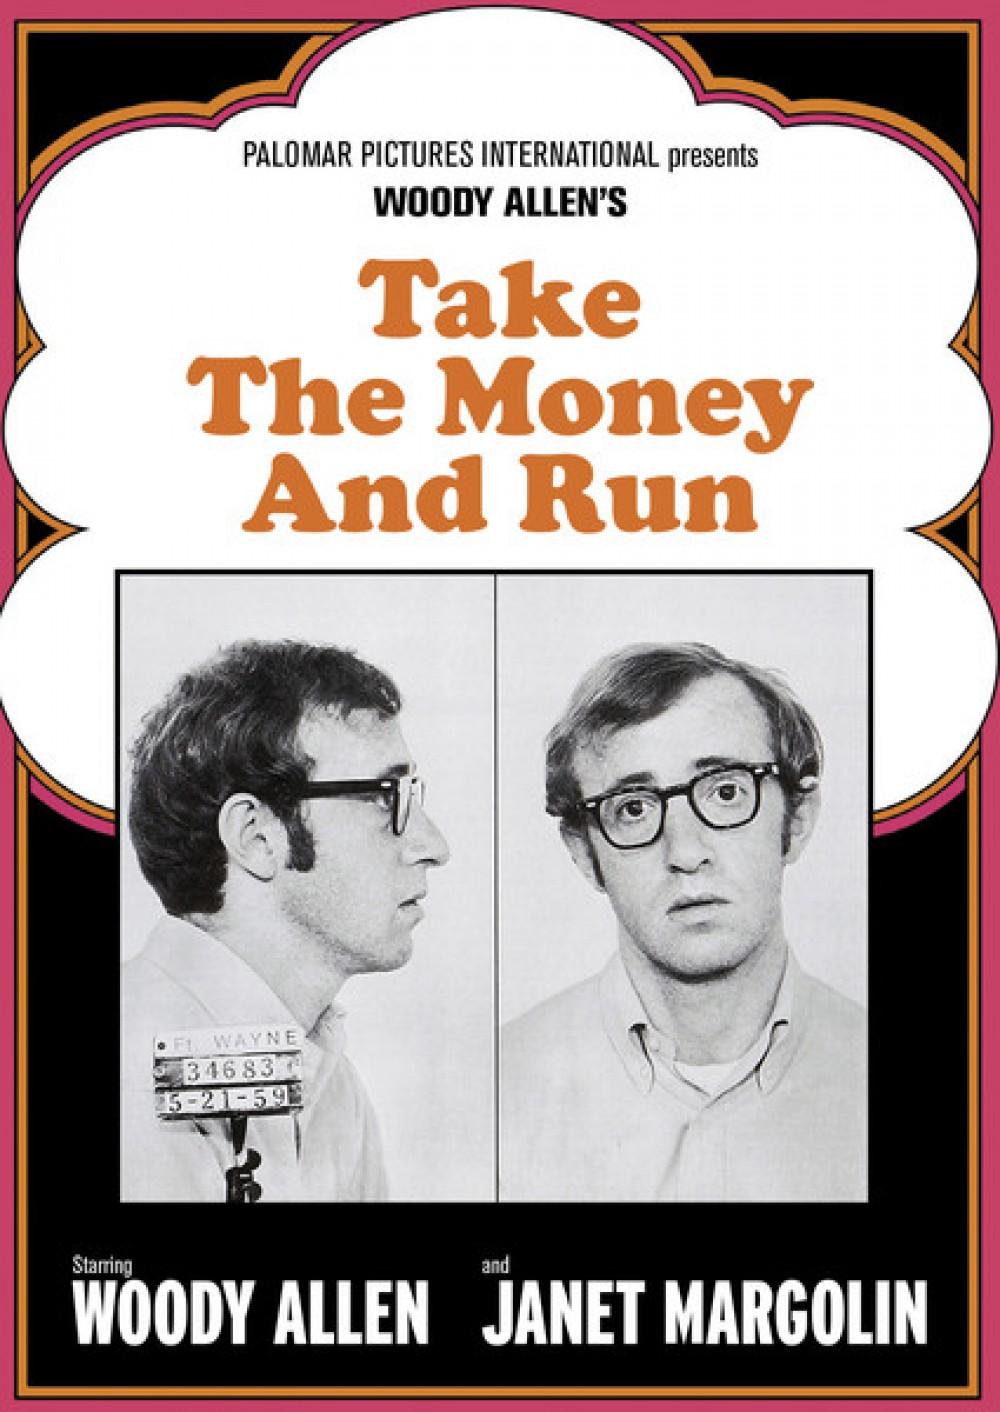 [돈을 갖고 튀어라]영화 포스터